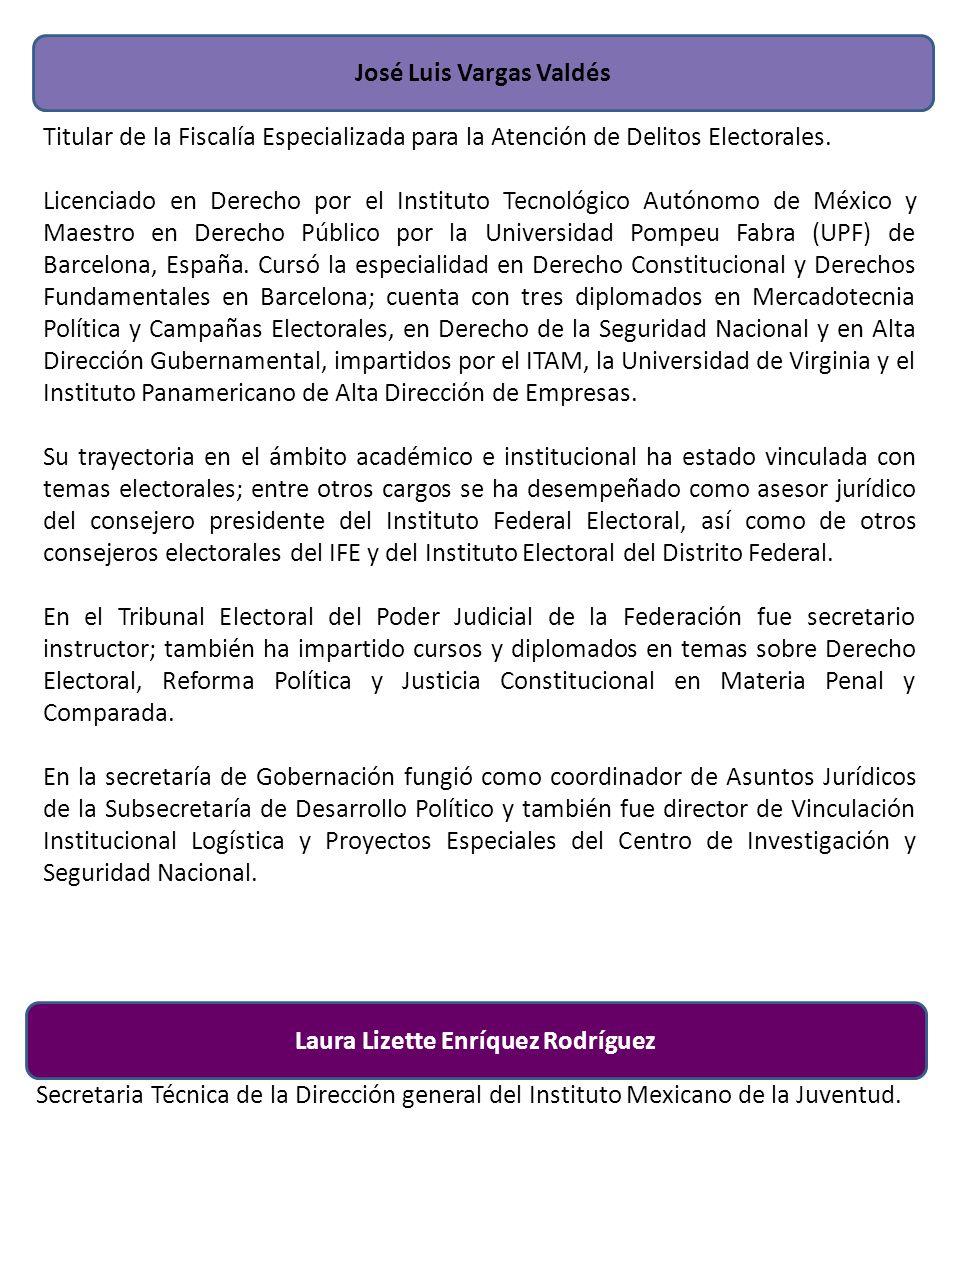 José Luis Vargas Valdés Titular de la Fiscalía Especializada para la Atención de Delitos Electorales.